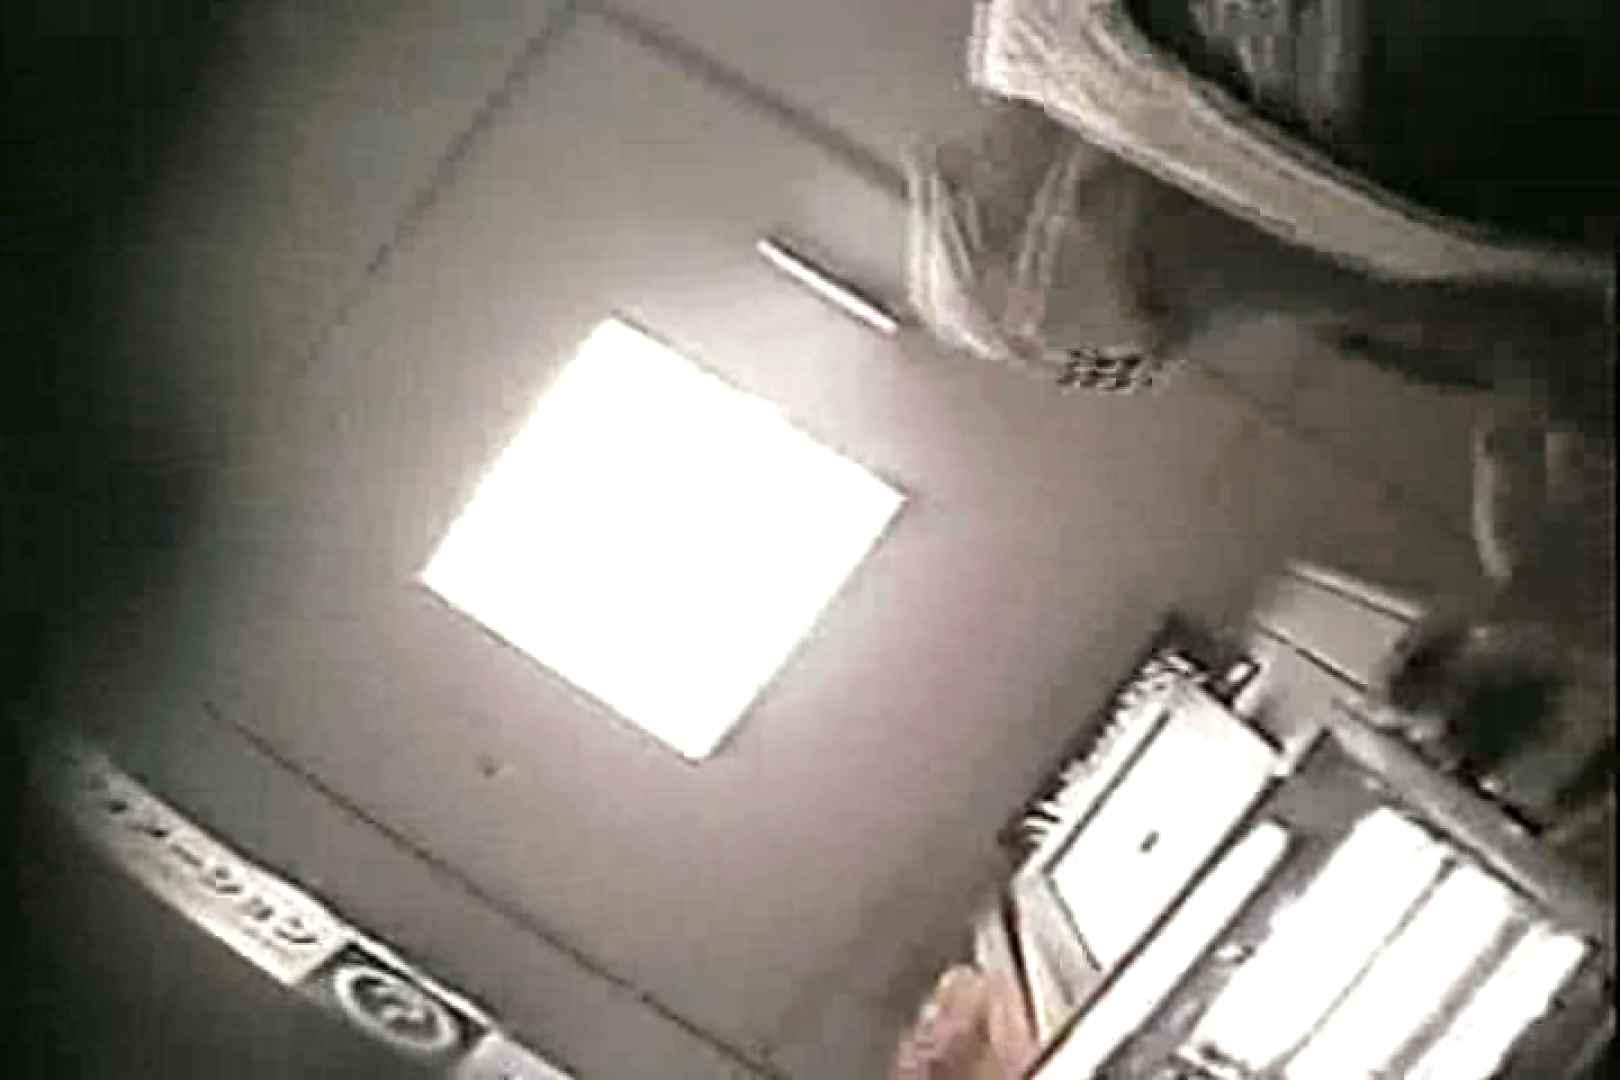 「ちくりん」さんのオリジナル未編集パンチラVol.4_02 ギャルの実態 盗撮動画紹介 69pic 7